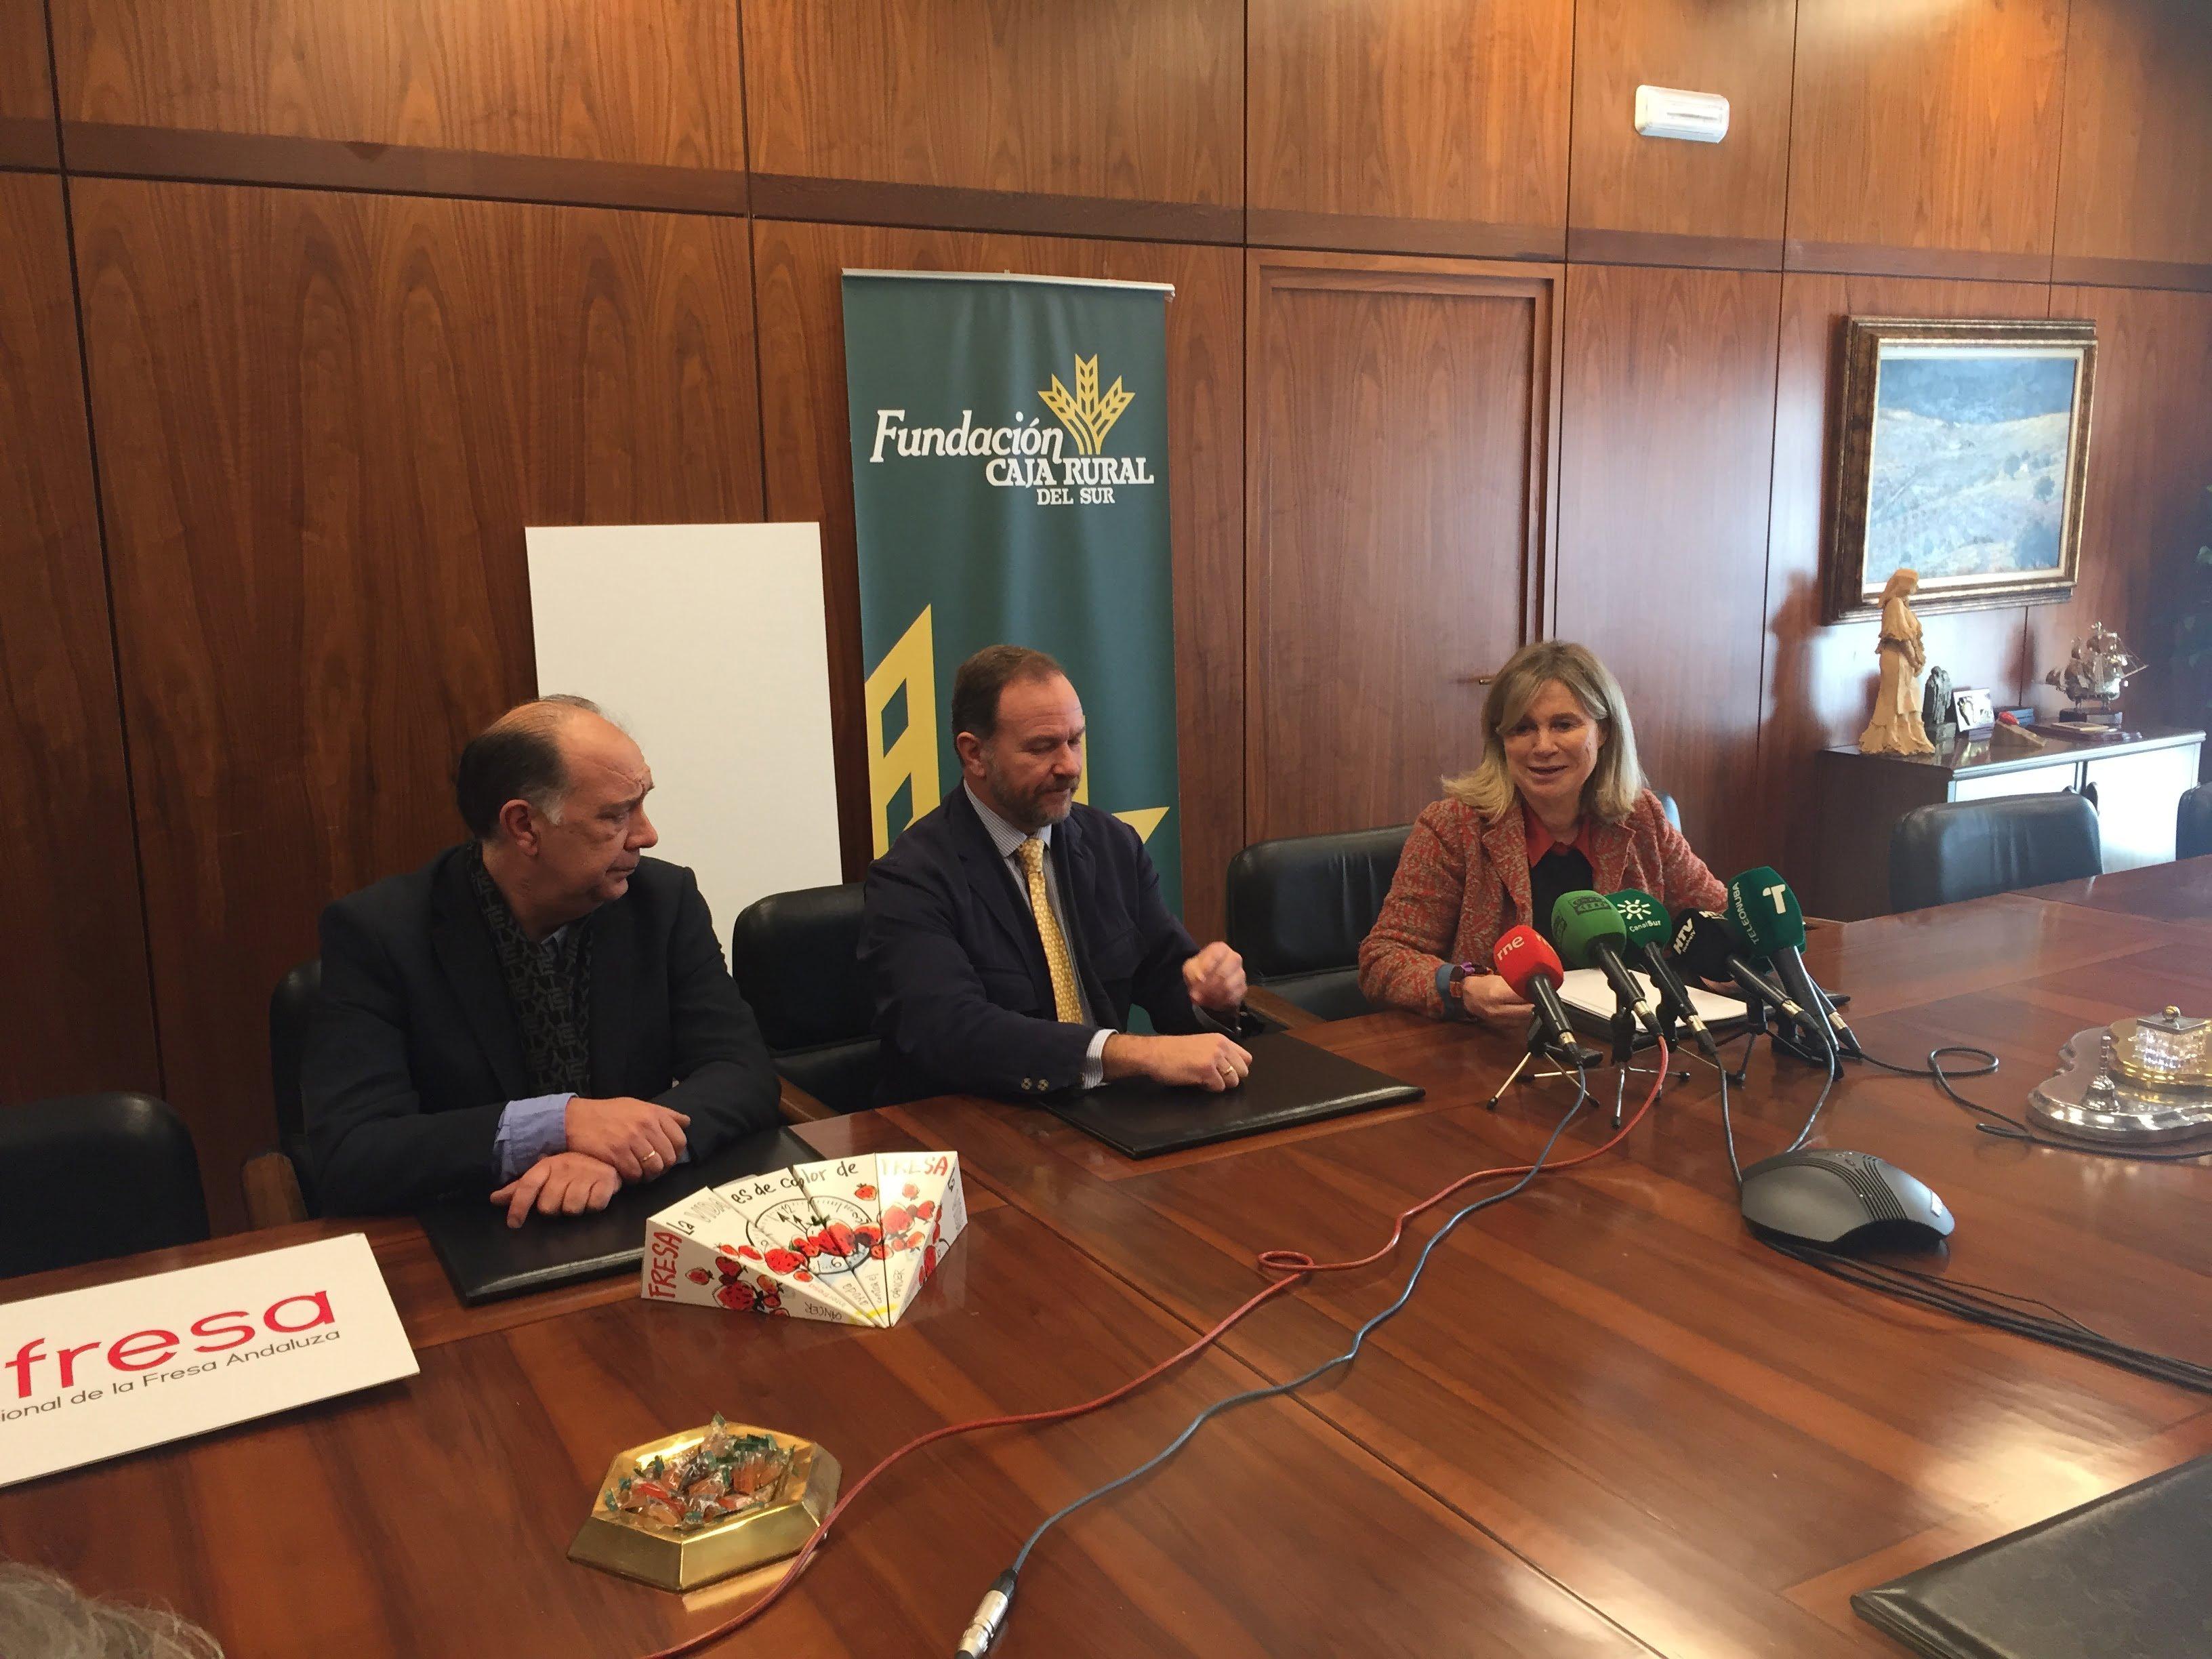 La representante de la AECC de Huelva, Gloria Puig, agradeció el apoyo recibido desde Interfresa con las 'Campanadas con fresas' en la que este año ha participado el comercio onubense.